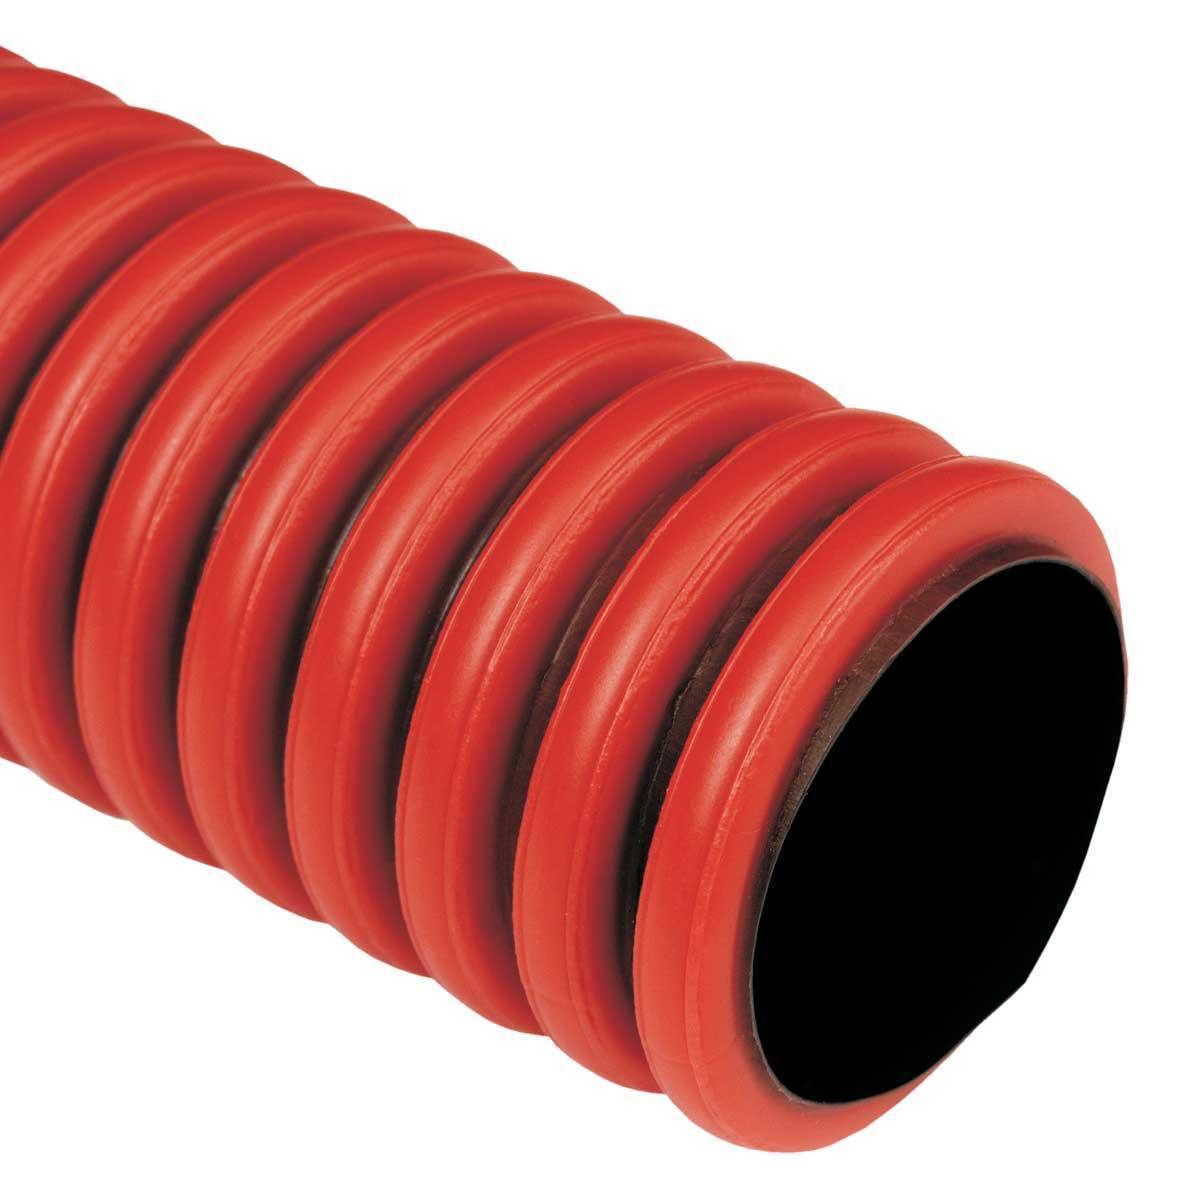 Труба гофрована гнучка двошарова Копофлекс, чорна, протяжка,; Ø160мм; поліетилен HDPE